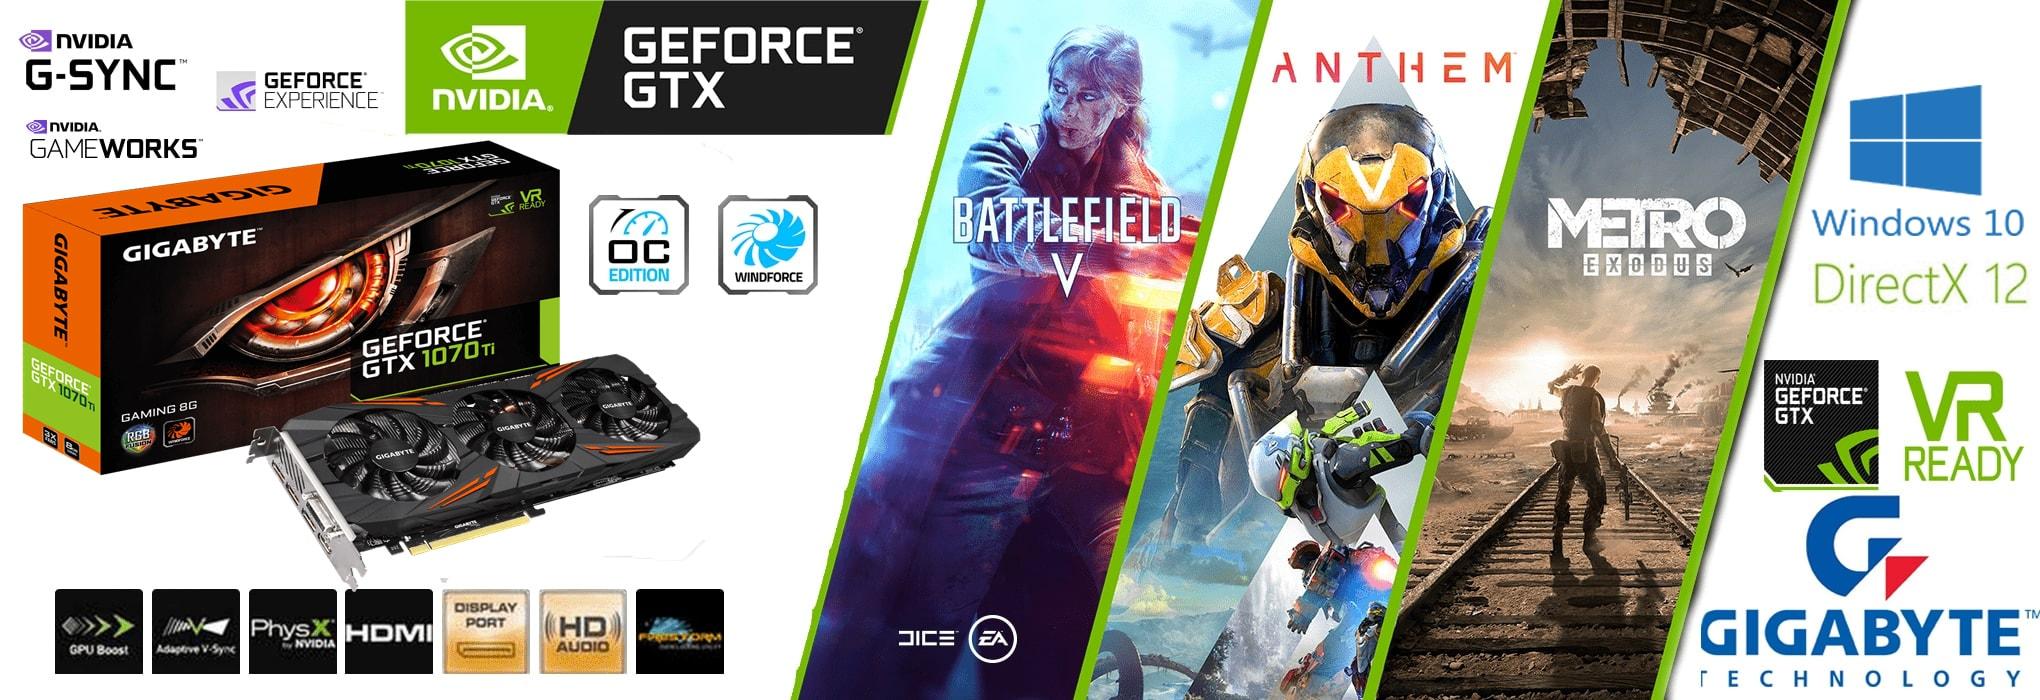 کارت گرافیک GeForce® GTX 1070 Ti Gaming 8G